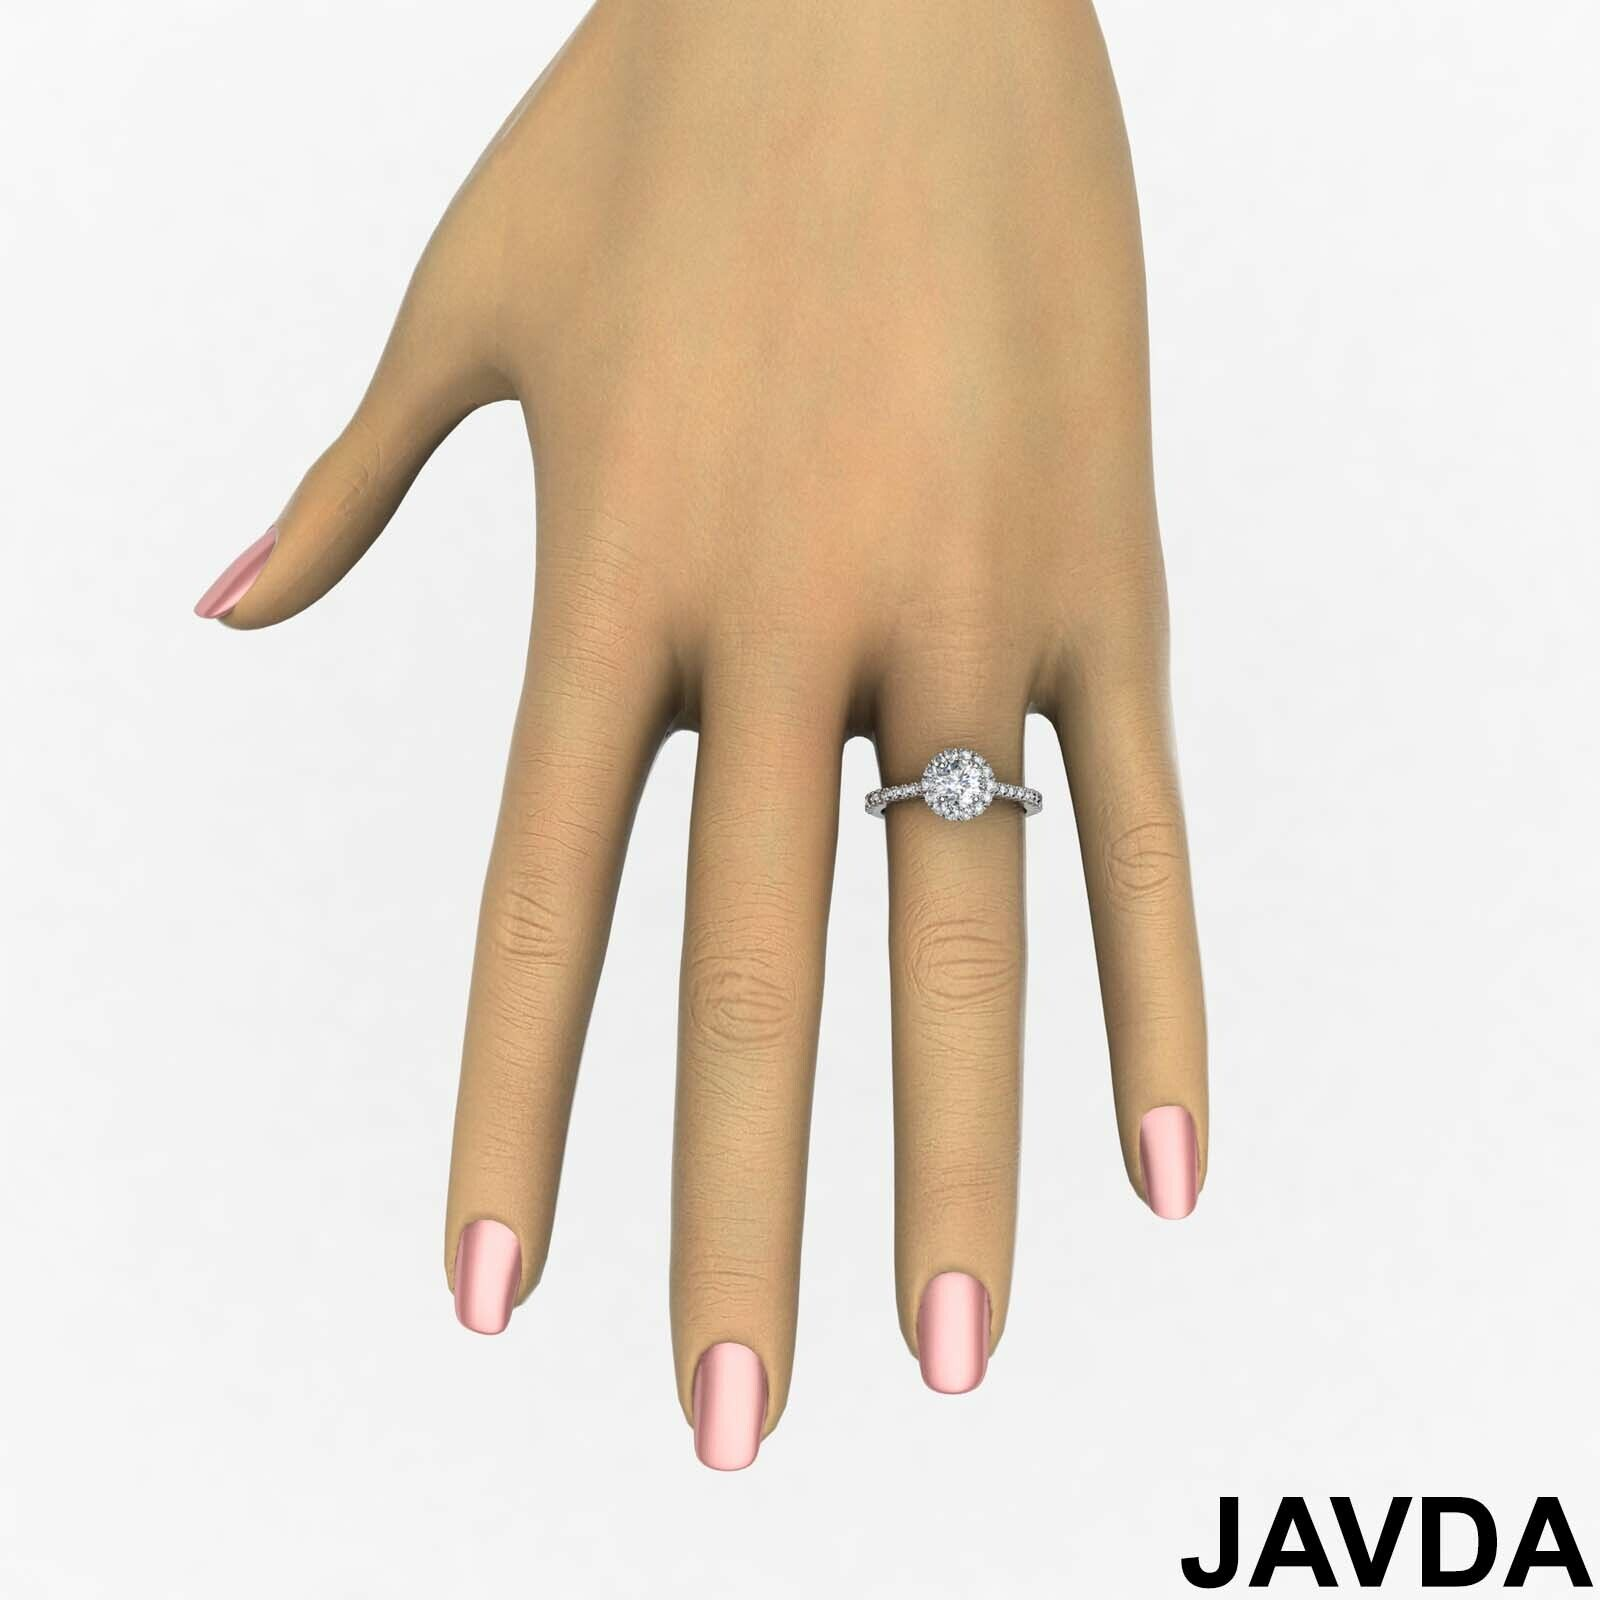 1.5ctw Double Prong Round Diamond Engagement Ring GIA E-VS2 White Gold Women New 2